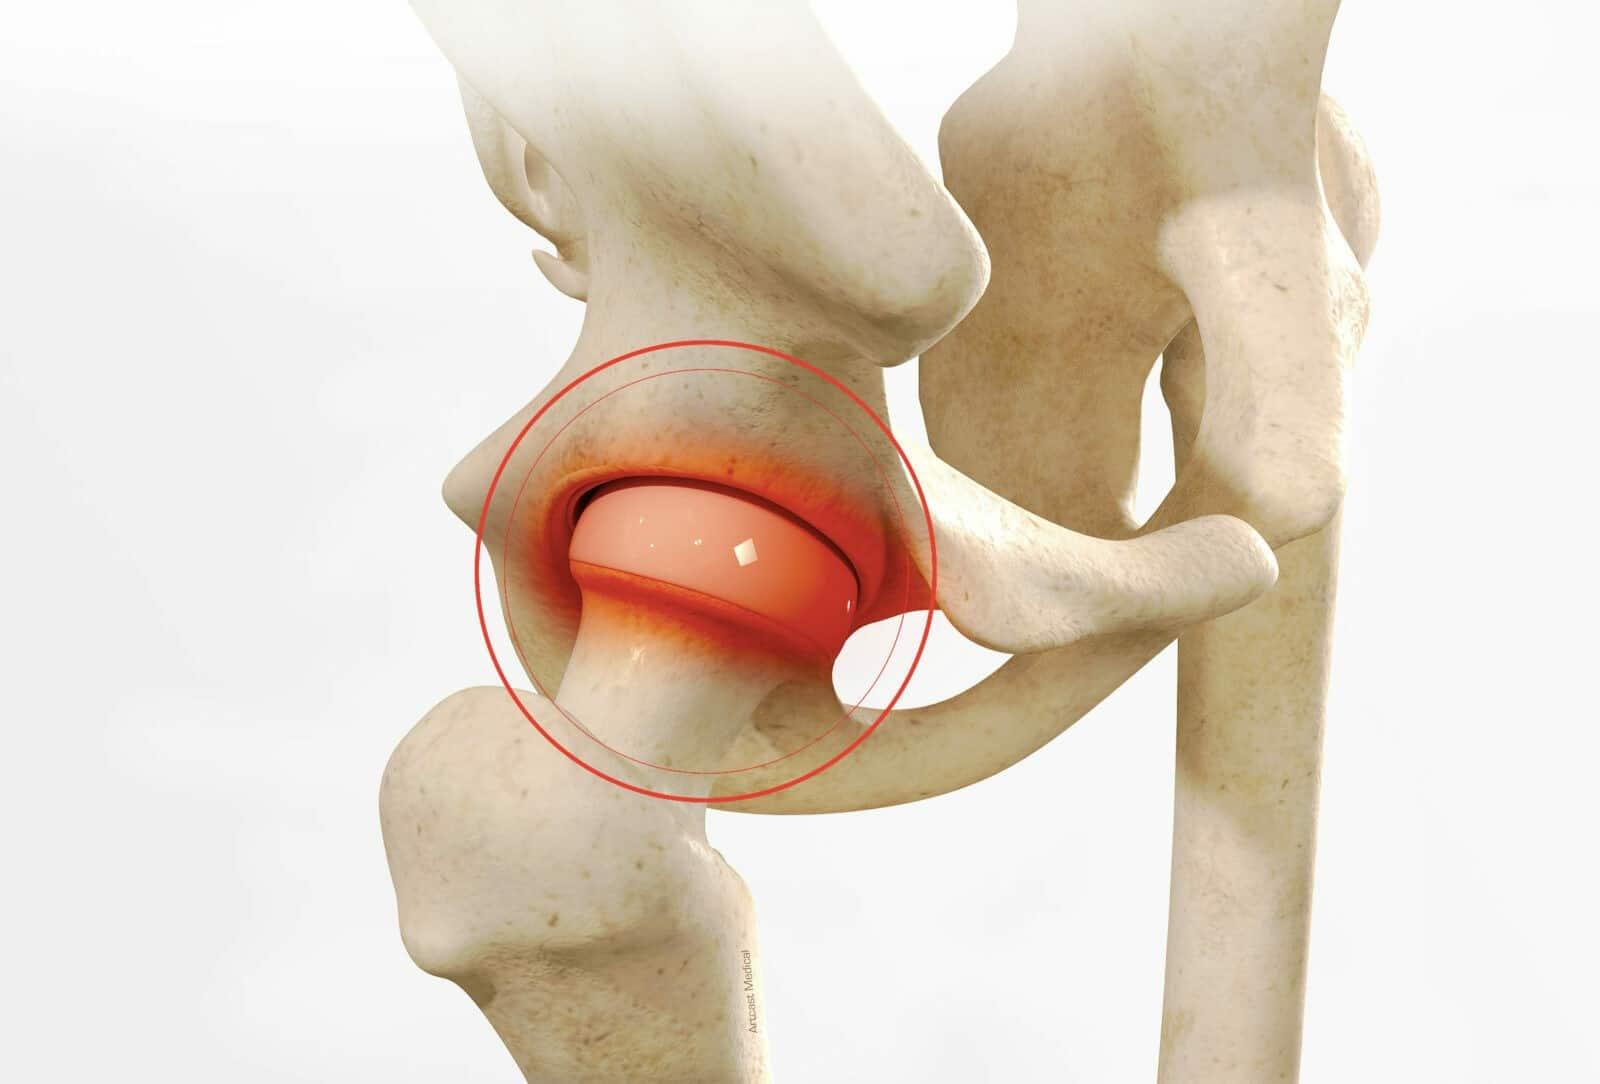 Arthroscopie de la hanche : Chirurgie par dr Paillard à Paris